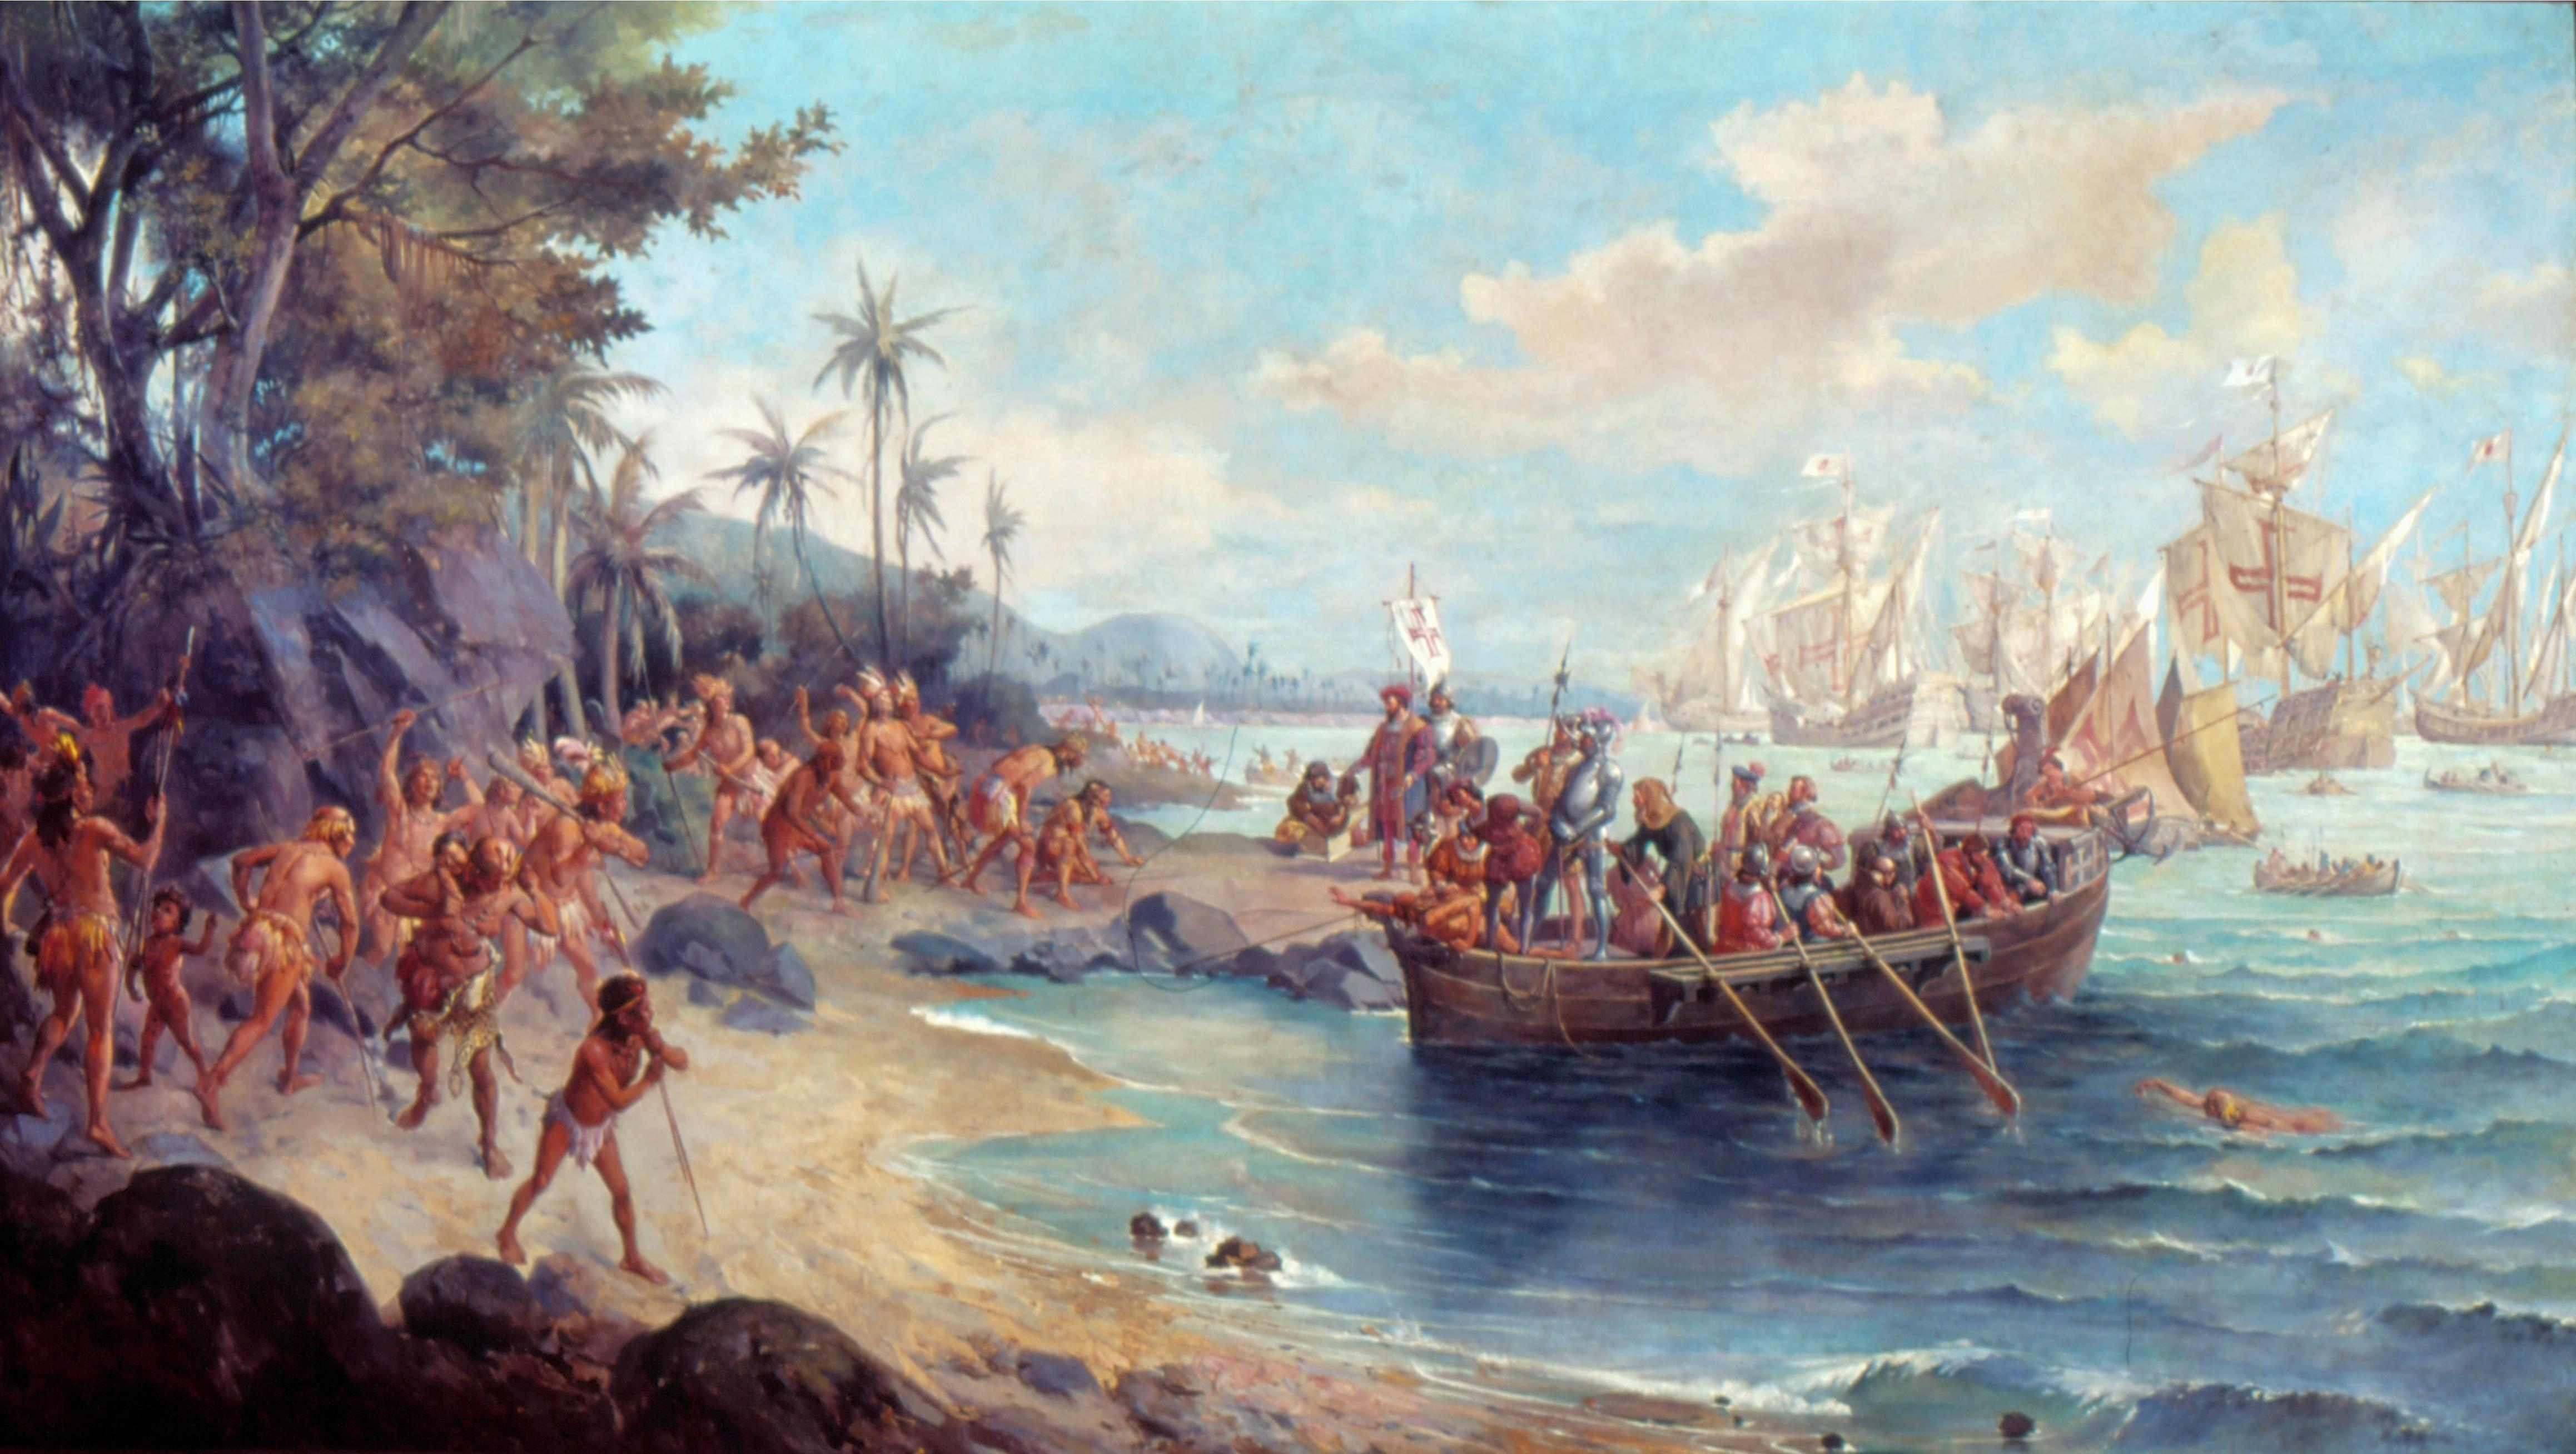 Desembarque De Pedro Alvares Cabral Em Porto Seguro Em 1500